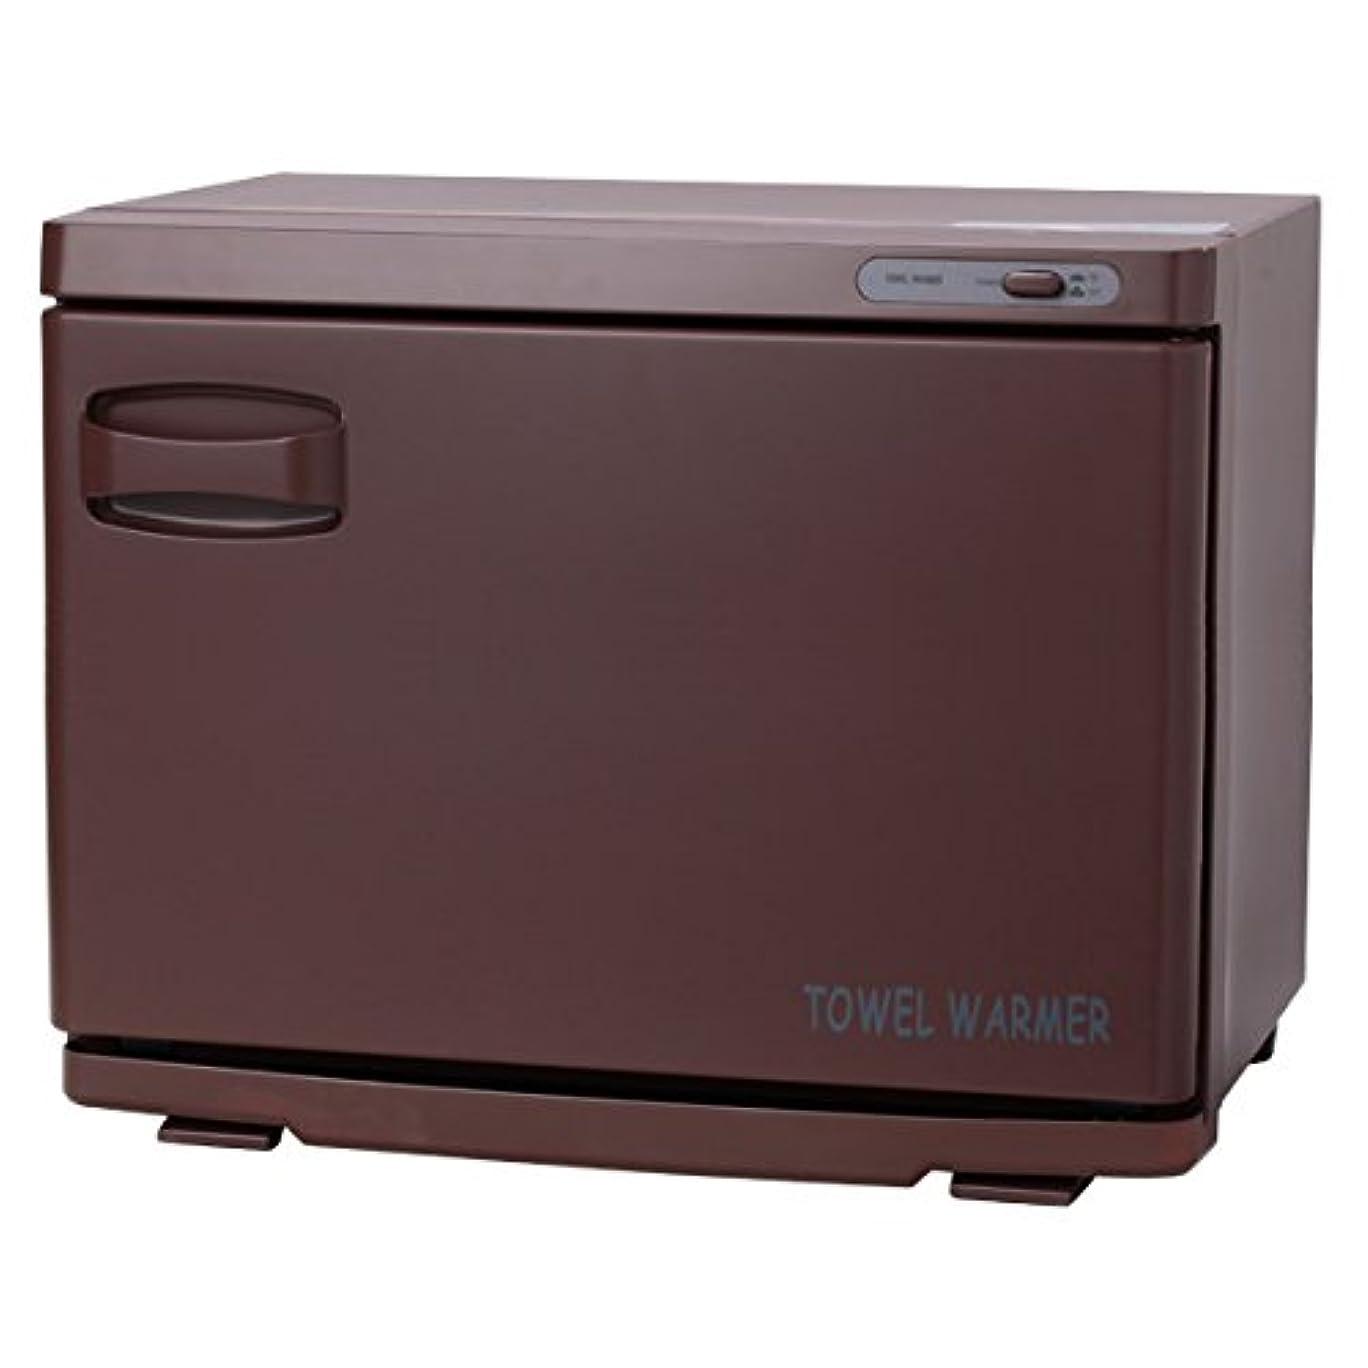 混乱したずんぐりした装置タオルウォーマー ブラウン ( 前開き ) 18L 業務用 タオル蒸し器 おしぼり蒸し器 保温器